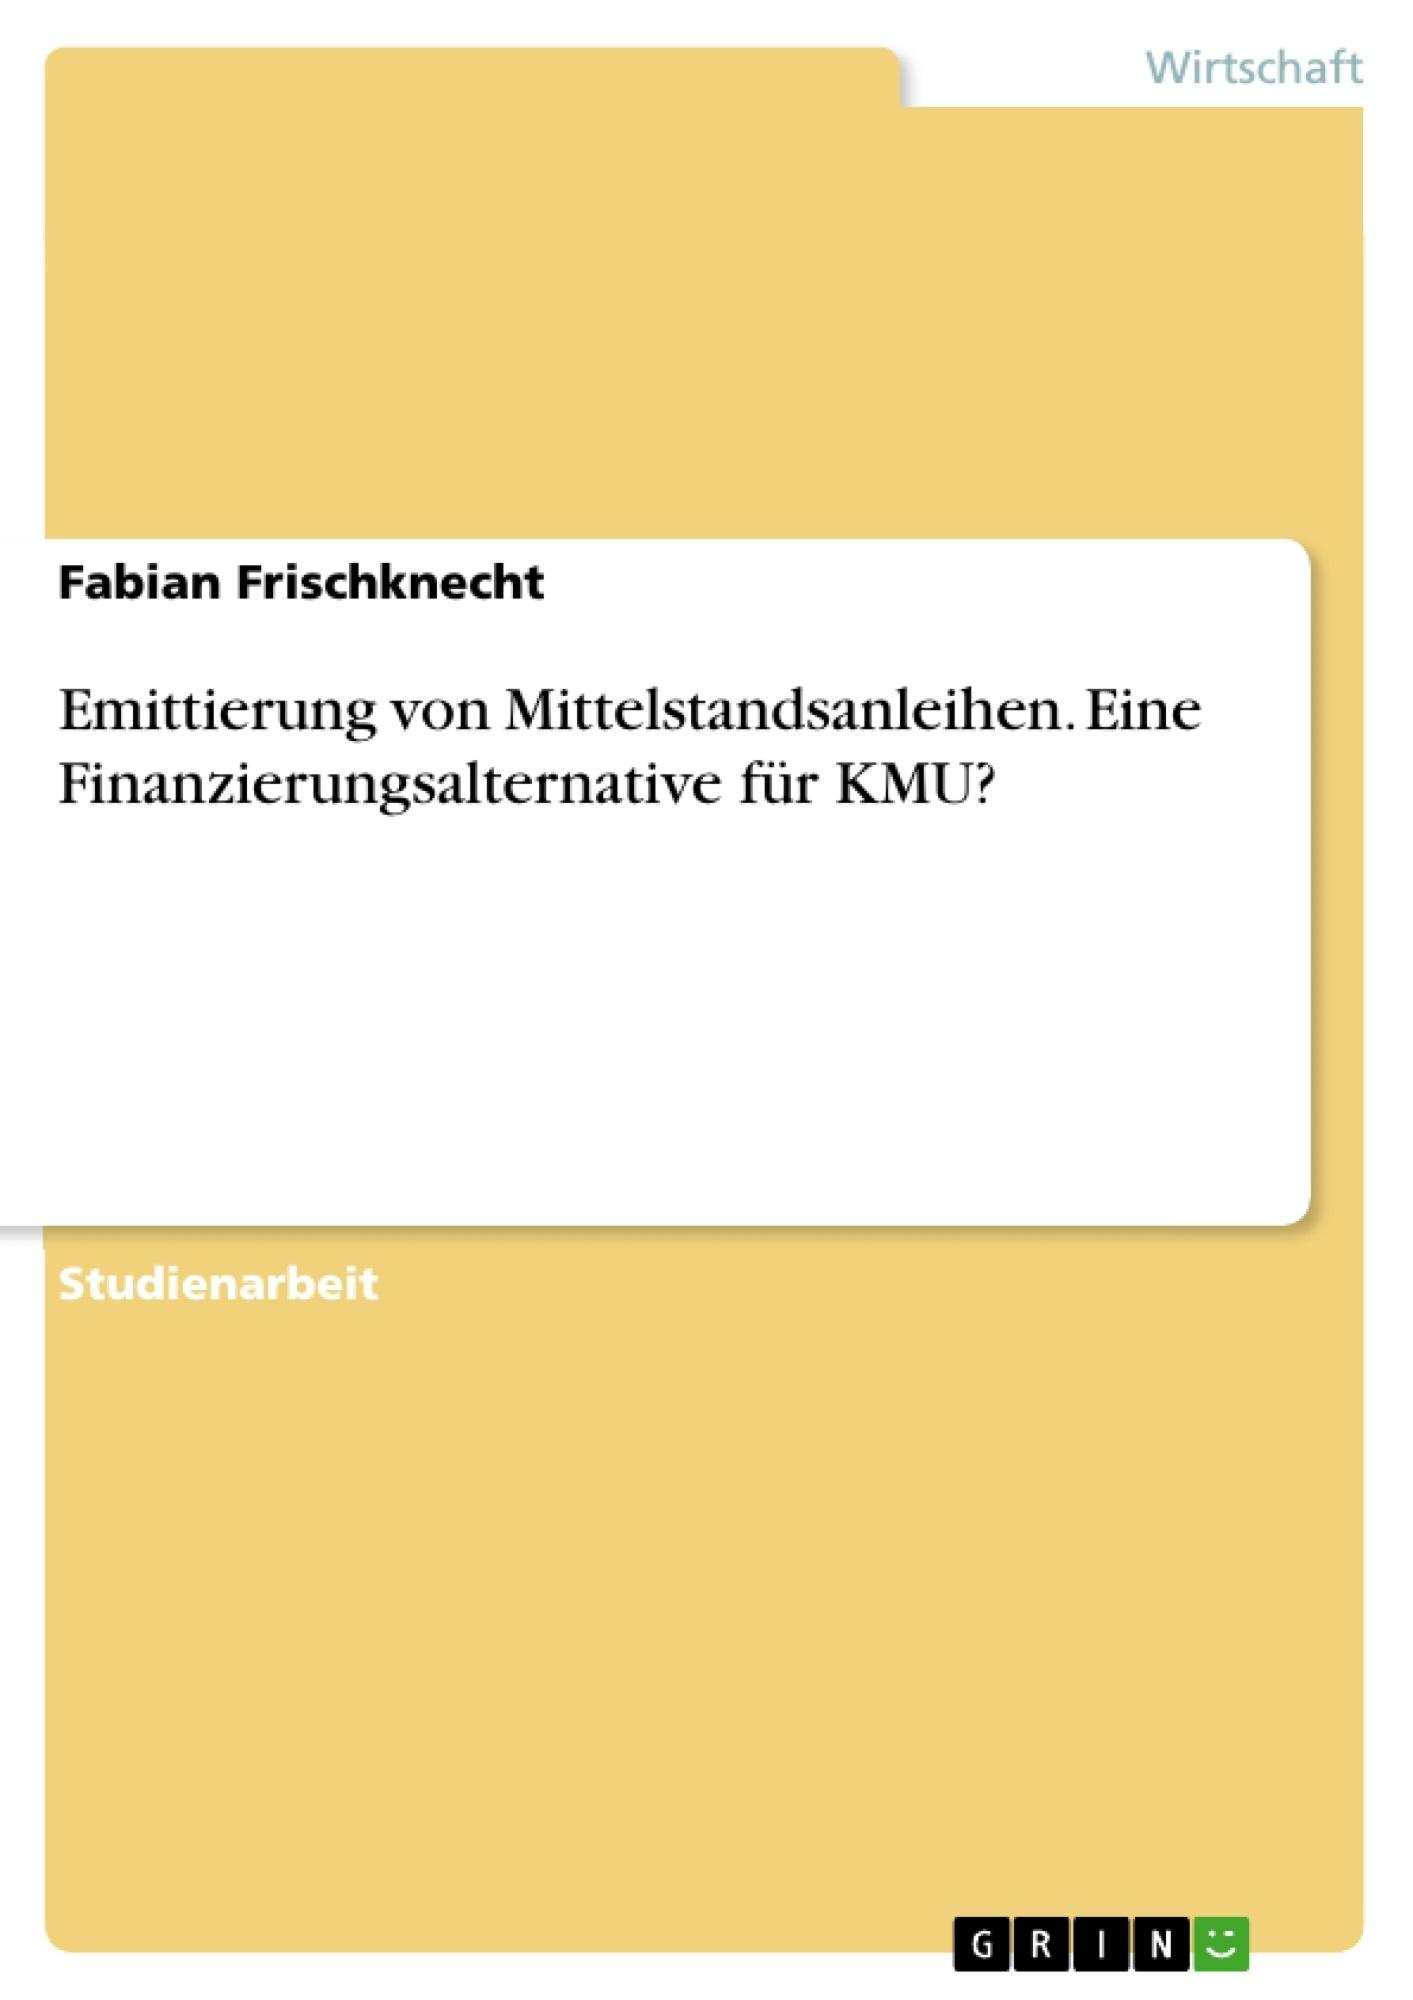 Titel: Emittierung von Mittelstandsanleihen. Eine Finanzierungsalternative für KMU?